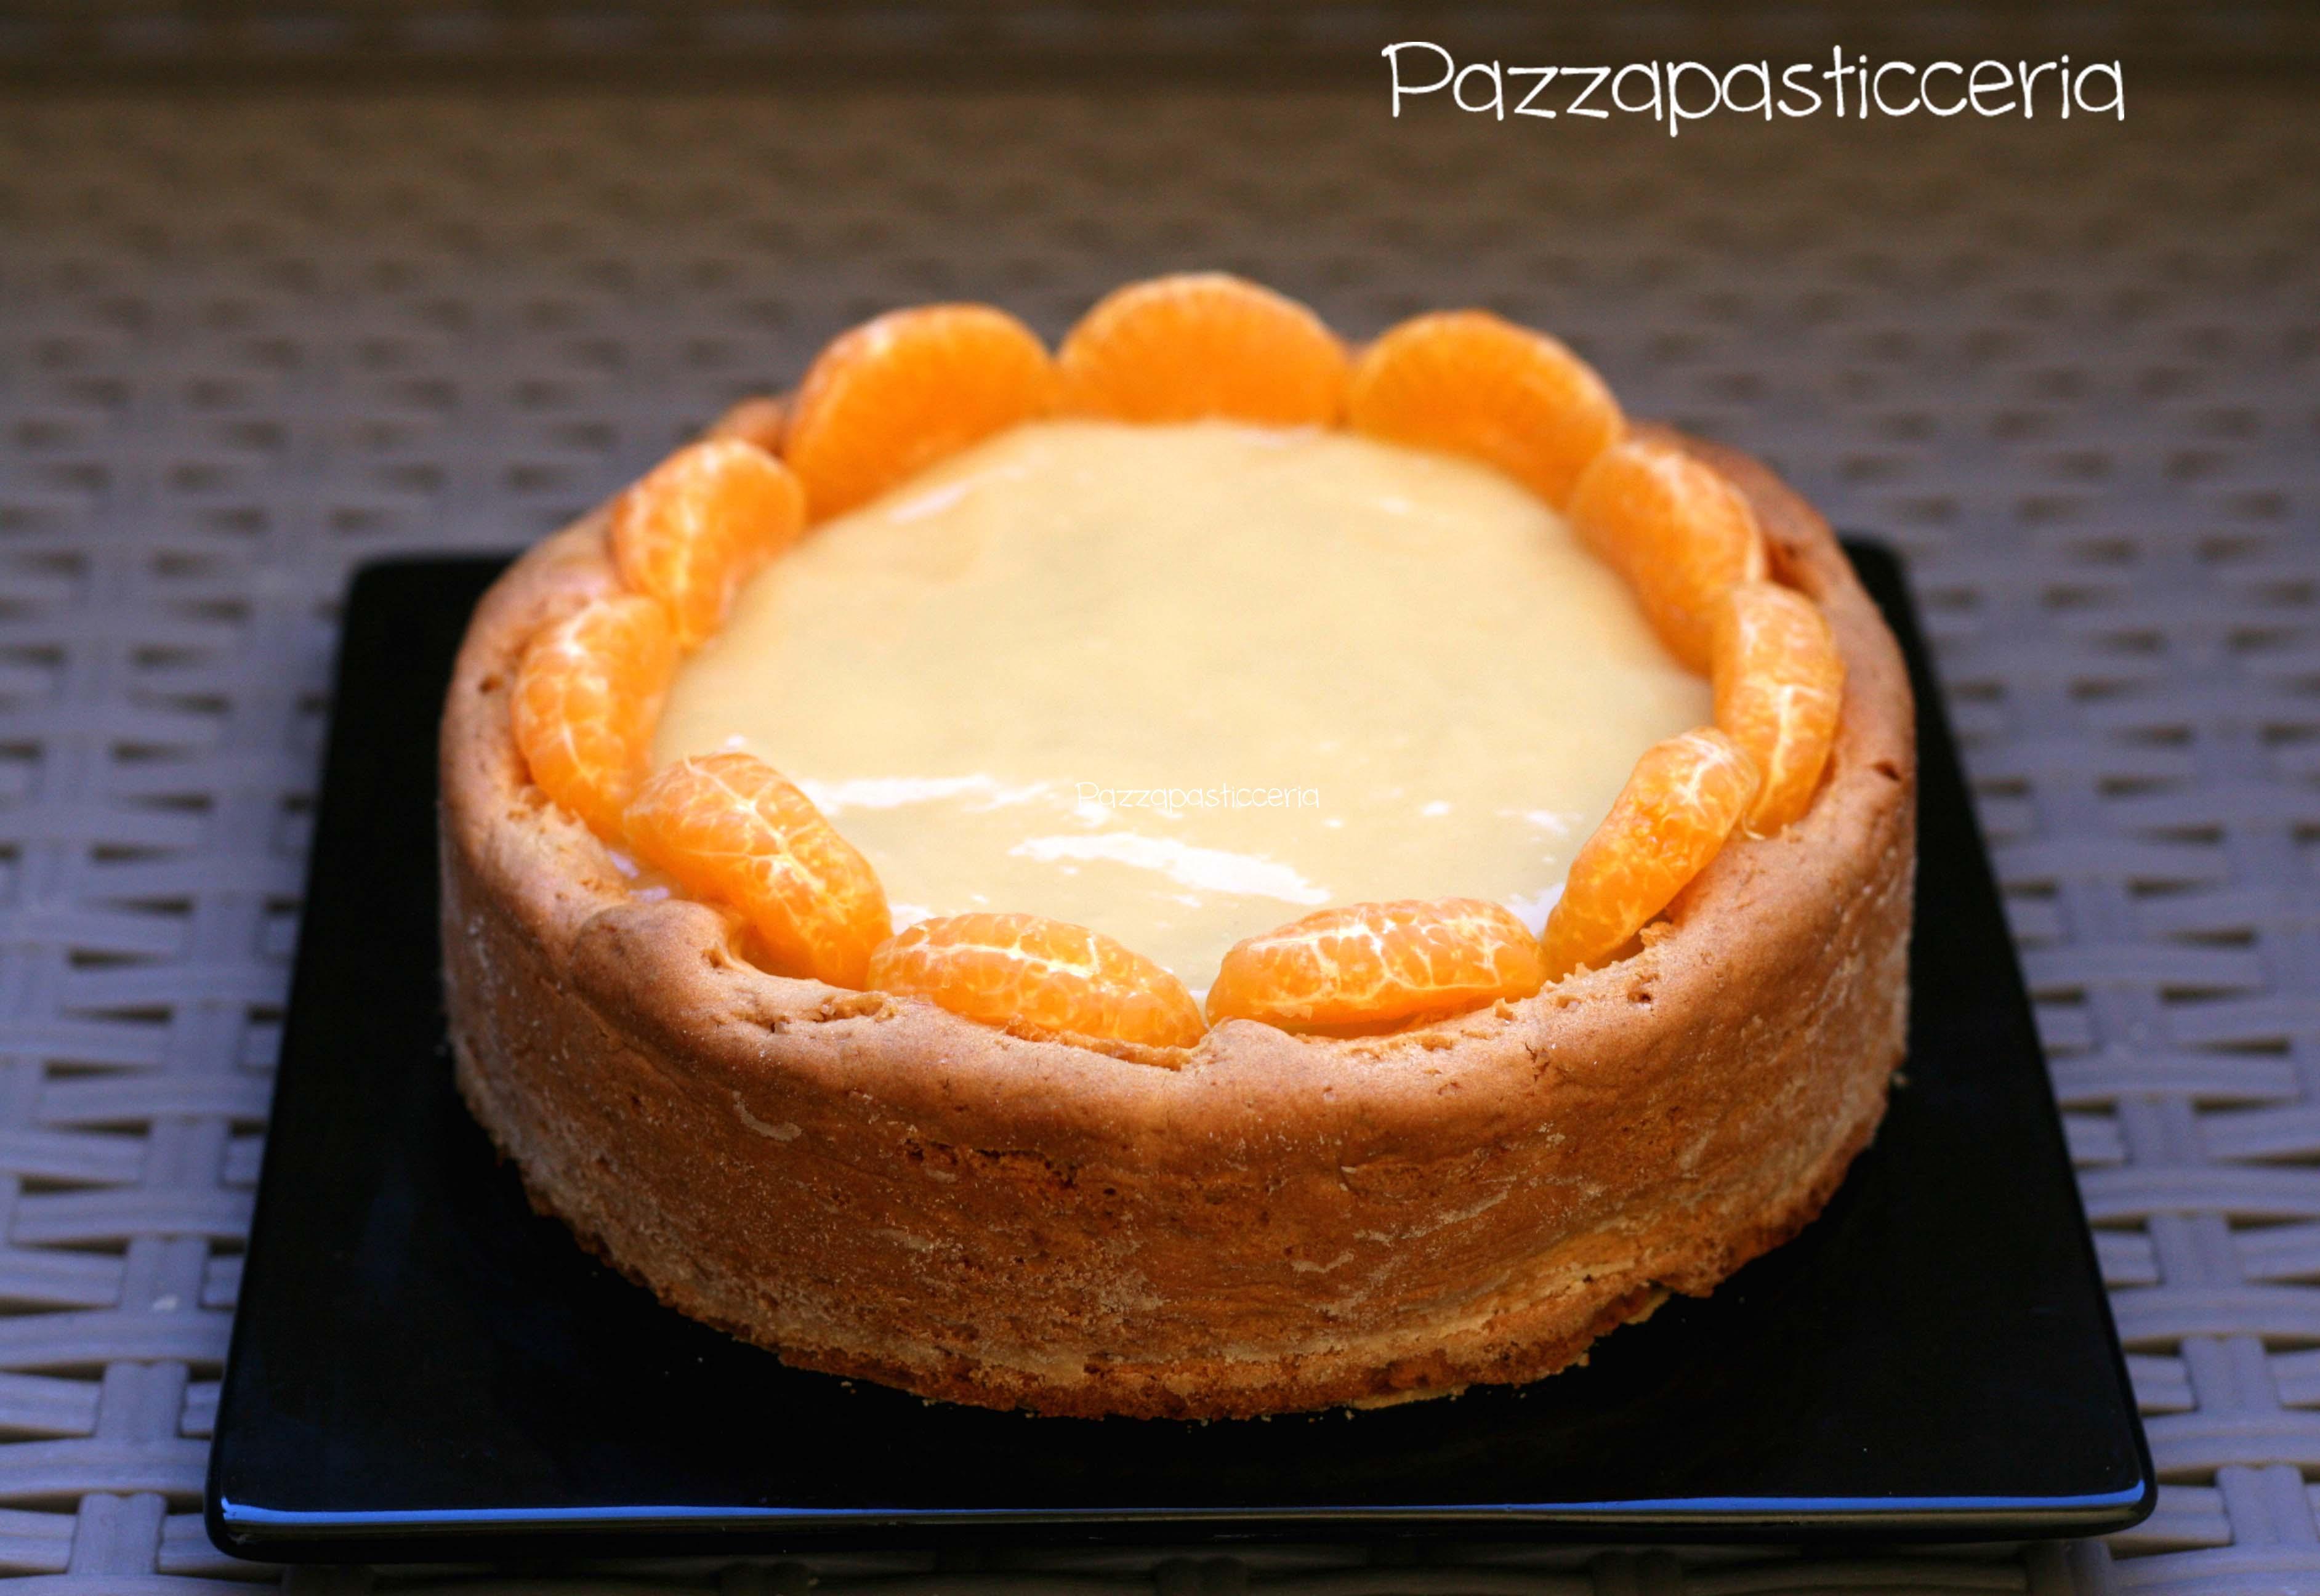 Crostata con crema al limone e mandarini caramellati